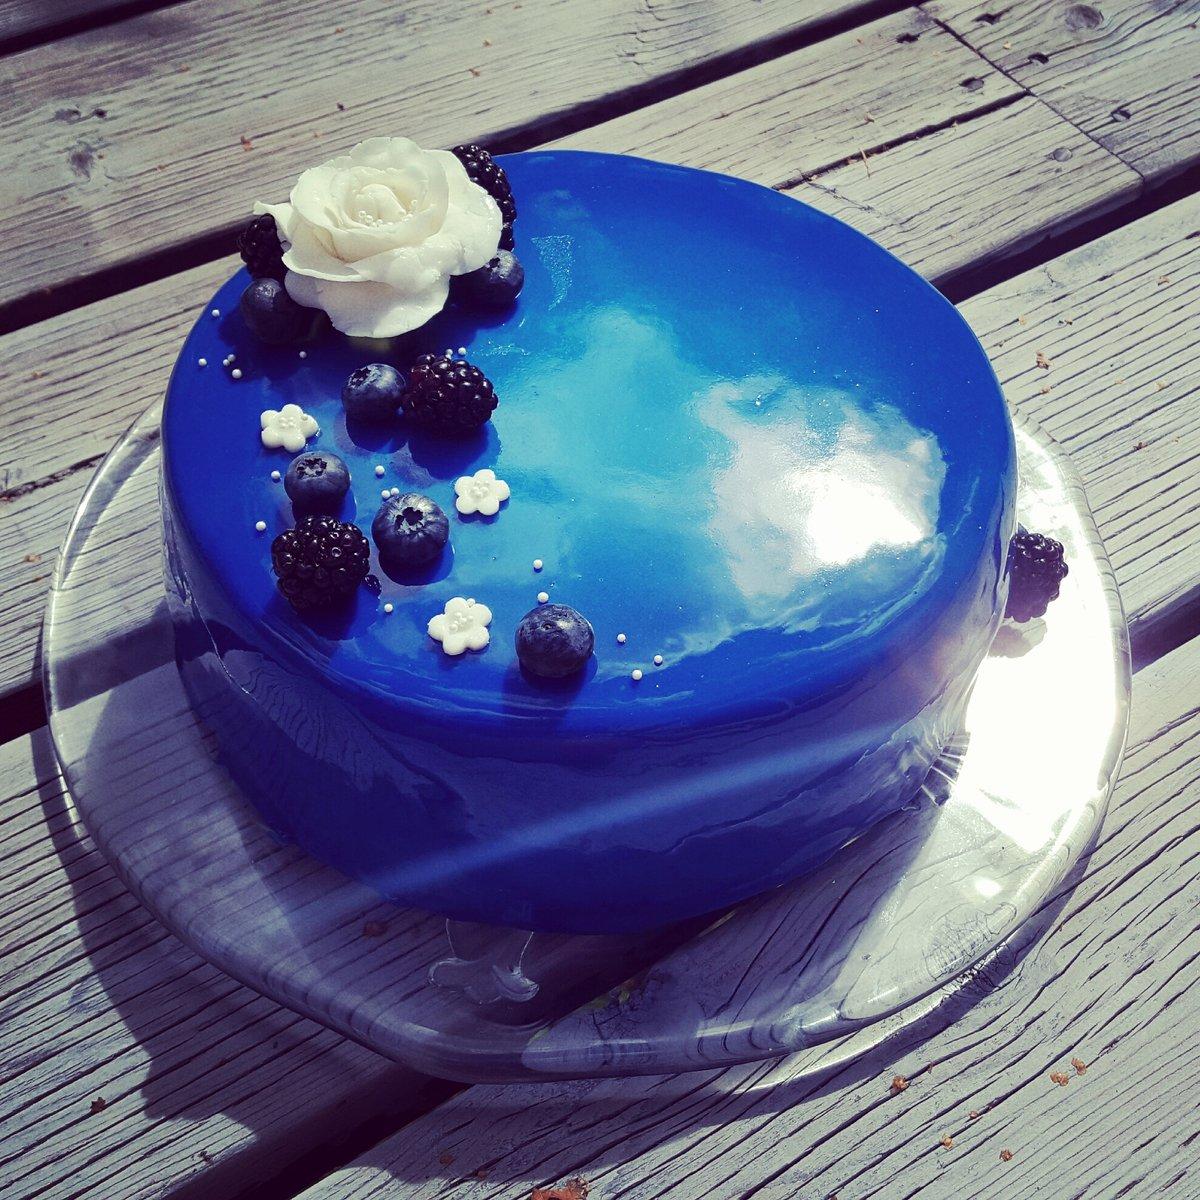 Как сделать разводы на зеркальной глазури для торта